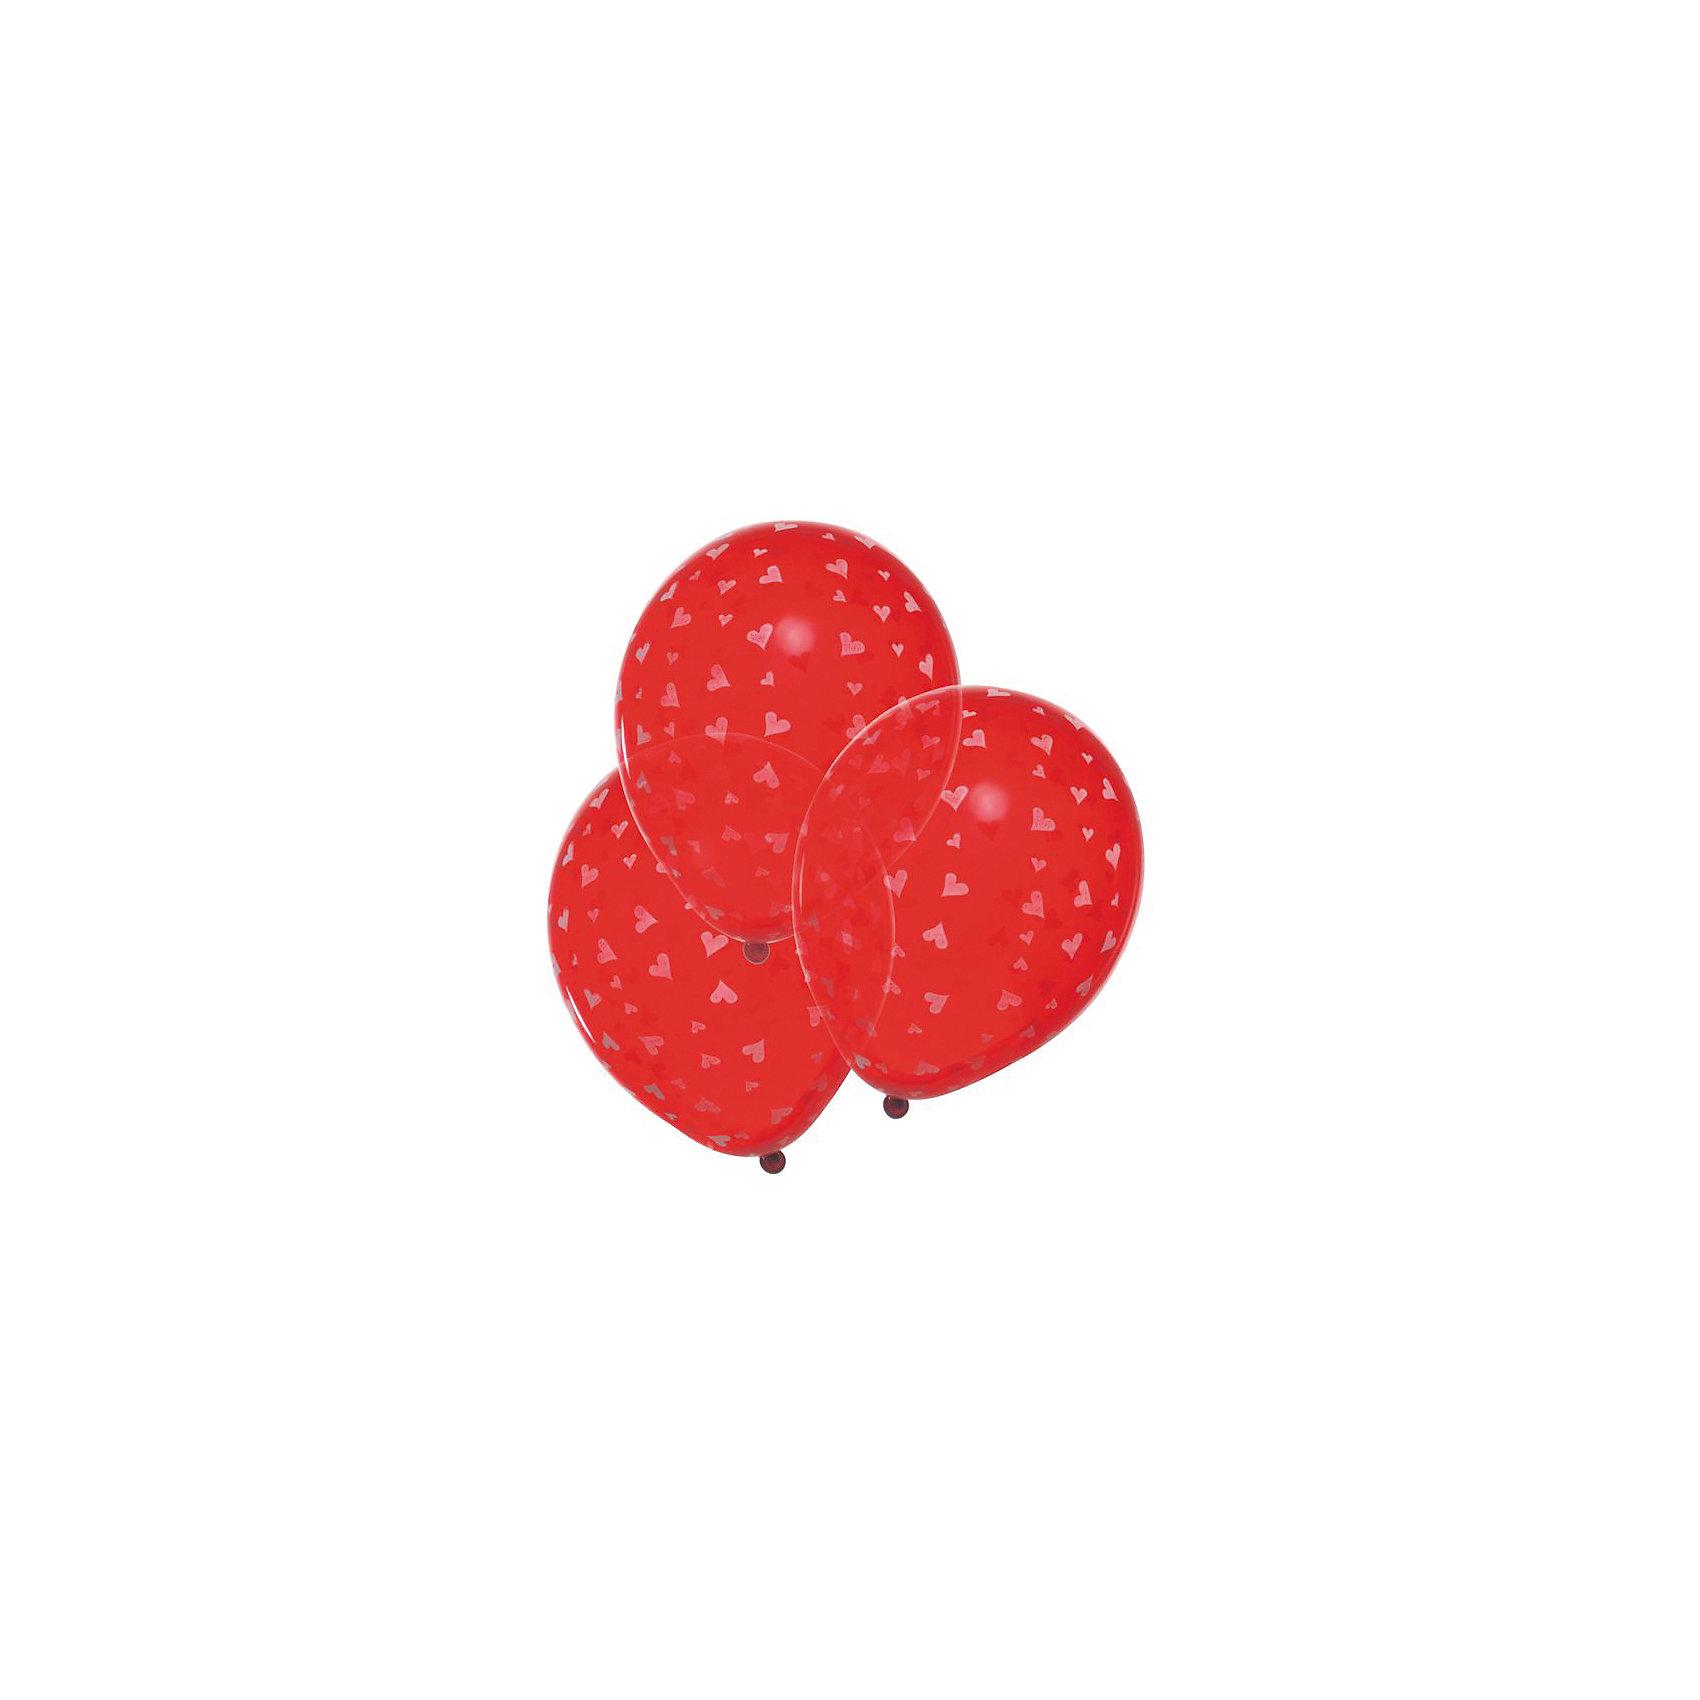 Шары воздушные Сердечки, 6шт, красн.Всё для праздника<br>Характеристики товара:<br><br>• возраст: от 3 лет<br>• цвет: красный<br>• материал: биоразлагаемый латекс<br>• размер упаковки: 1х13х20 см<br>•  для надувания гелием или воздухом<br>• комплектация: 6 шт<br>• вес: 30 г<br>• страна бренда: Германия<br>• страна изготовитель: Германия<br><br>Ярко-красные воздушные шары с сердечками добавят красок и романтического настроения. Эти шарики подойдут для празднования дней рождений, свадеб и других торжественных случаев.<br><br>Изделие произведено из безопасного для детей материала.<br><br><br>Шары воздушные «Сердечки», 6шт, красн. от бренда Herlitz (Херлиц) можно купить в нашем интернет-магазине.<br><br>Ширина мм: 15<br>Глубина мм: 128<br>Высота мм: 220<br>Вес г: 25<br>Возраст от месяцев: 36<br>Возраст до месяцев: 2147483647<br>Пол: Унисекс<br>Возраст: Детский<br>SKU: 6886505